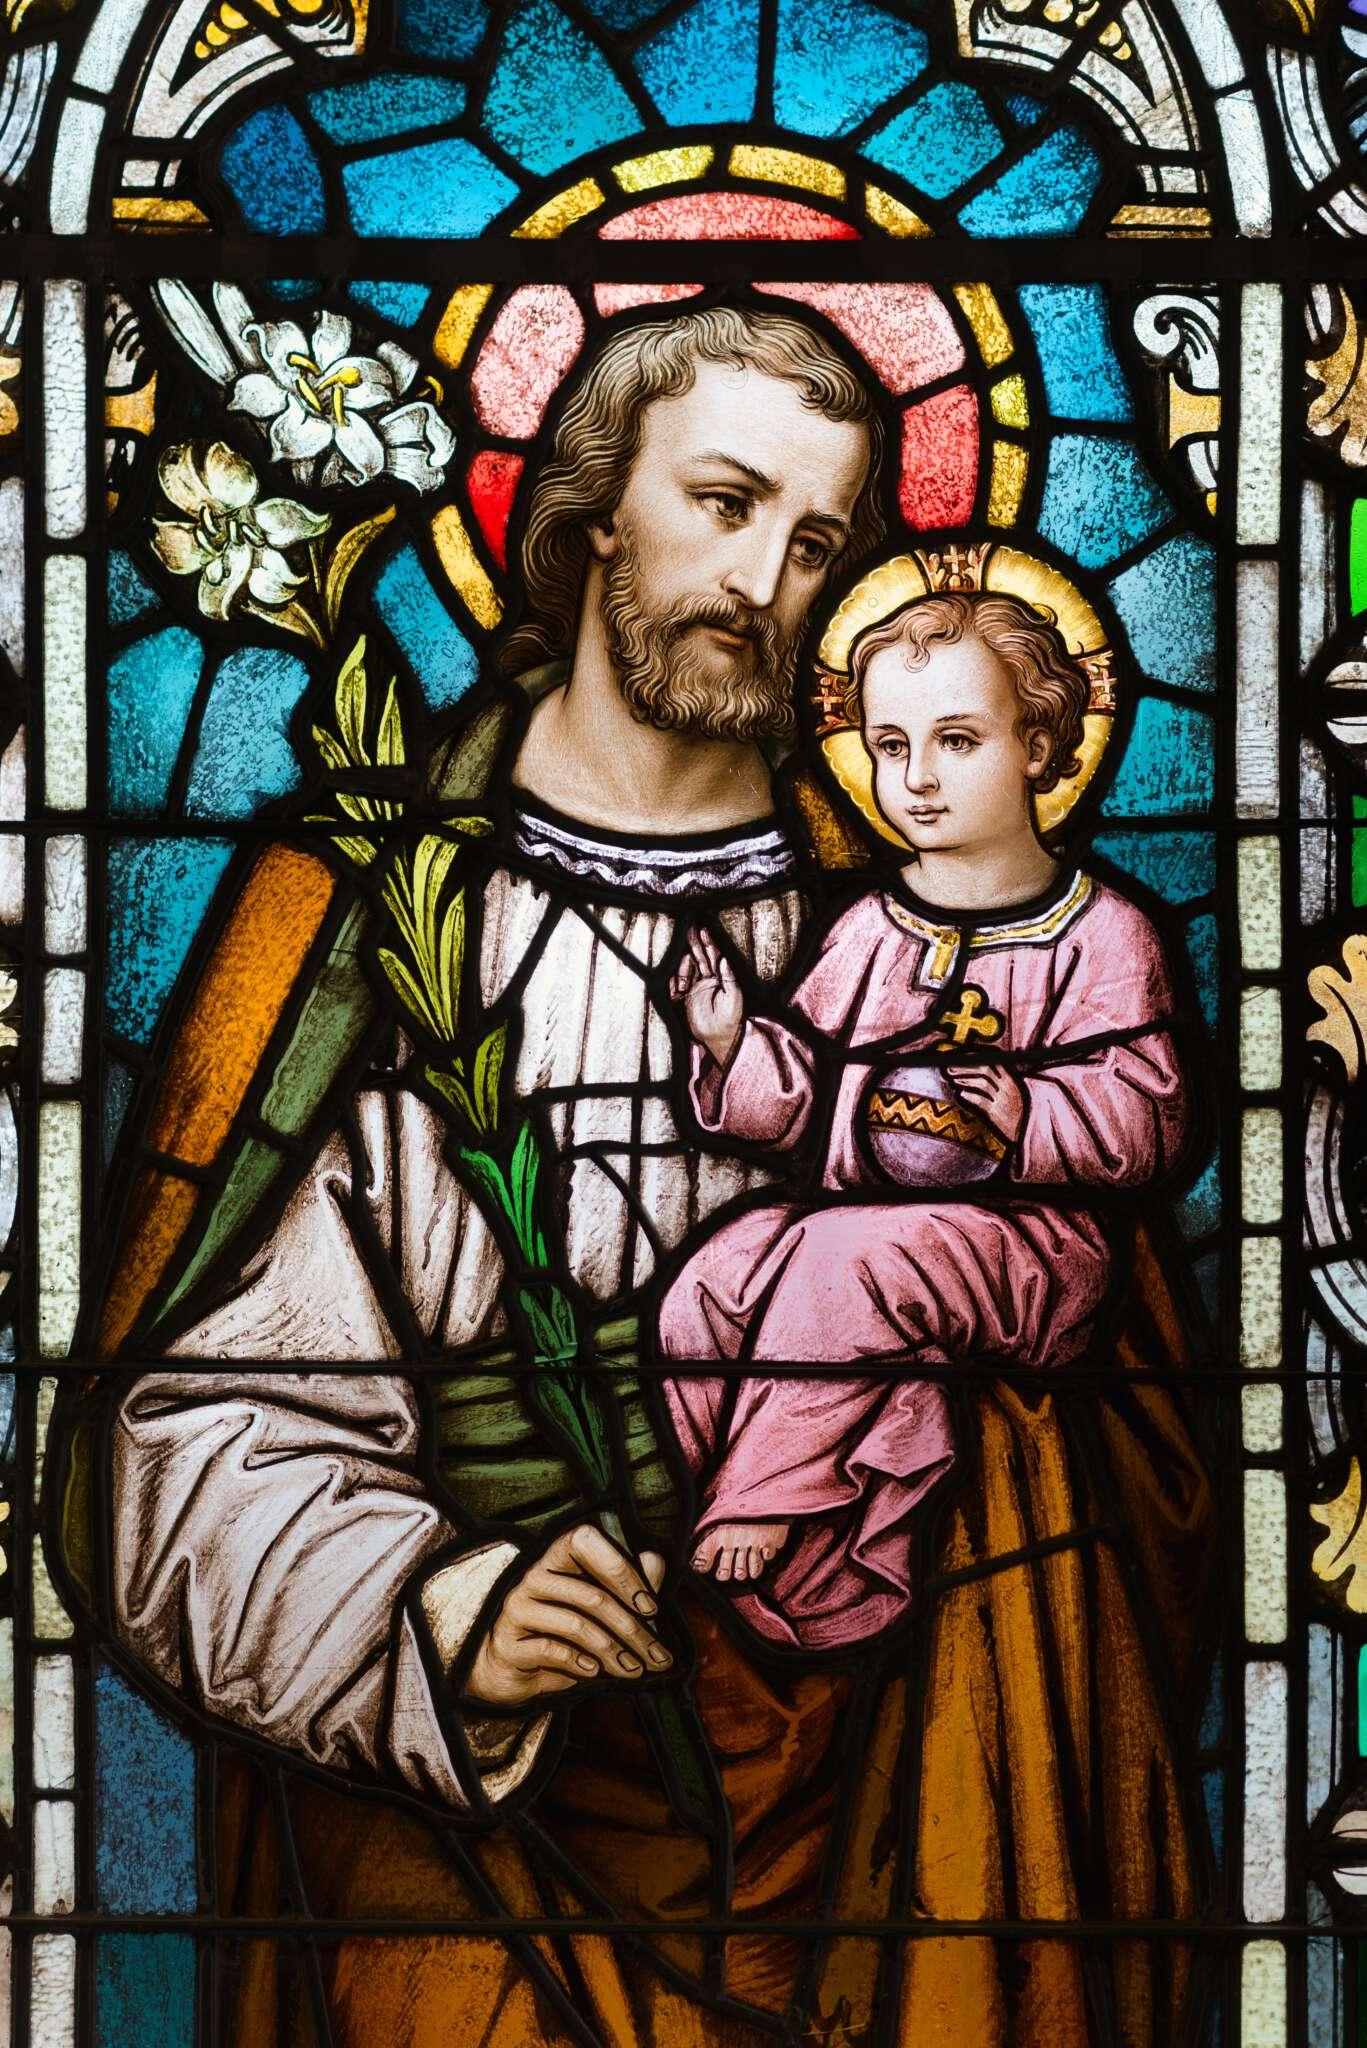 La Iglesia universal celebra cada 19 de marzo la solemnidad de San José, un día especial para los agustinos, porque es el patrón de la Orden de San Agustín.